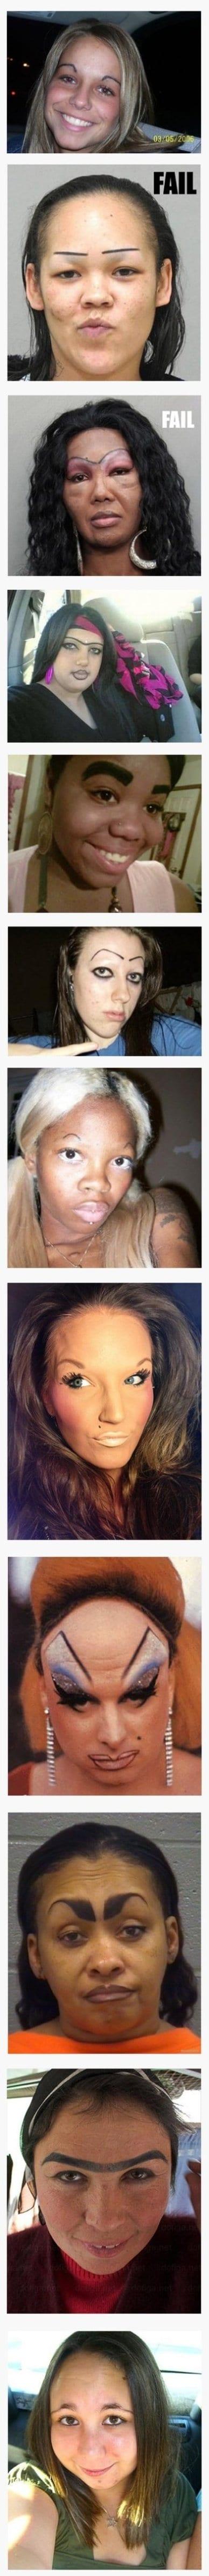 funny-eyebrows-fail